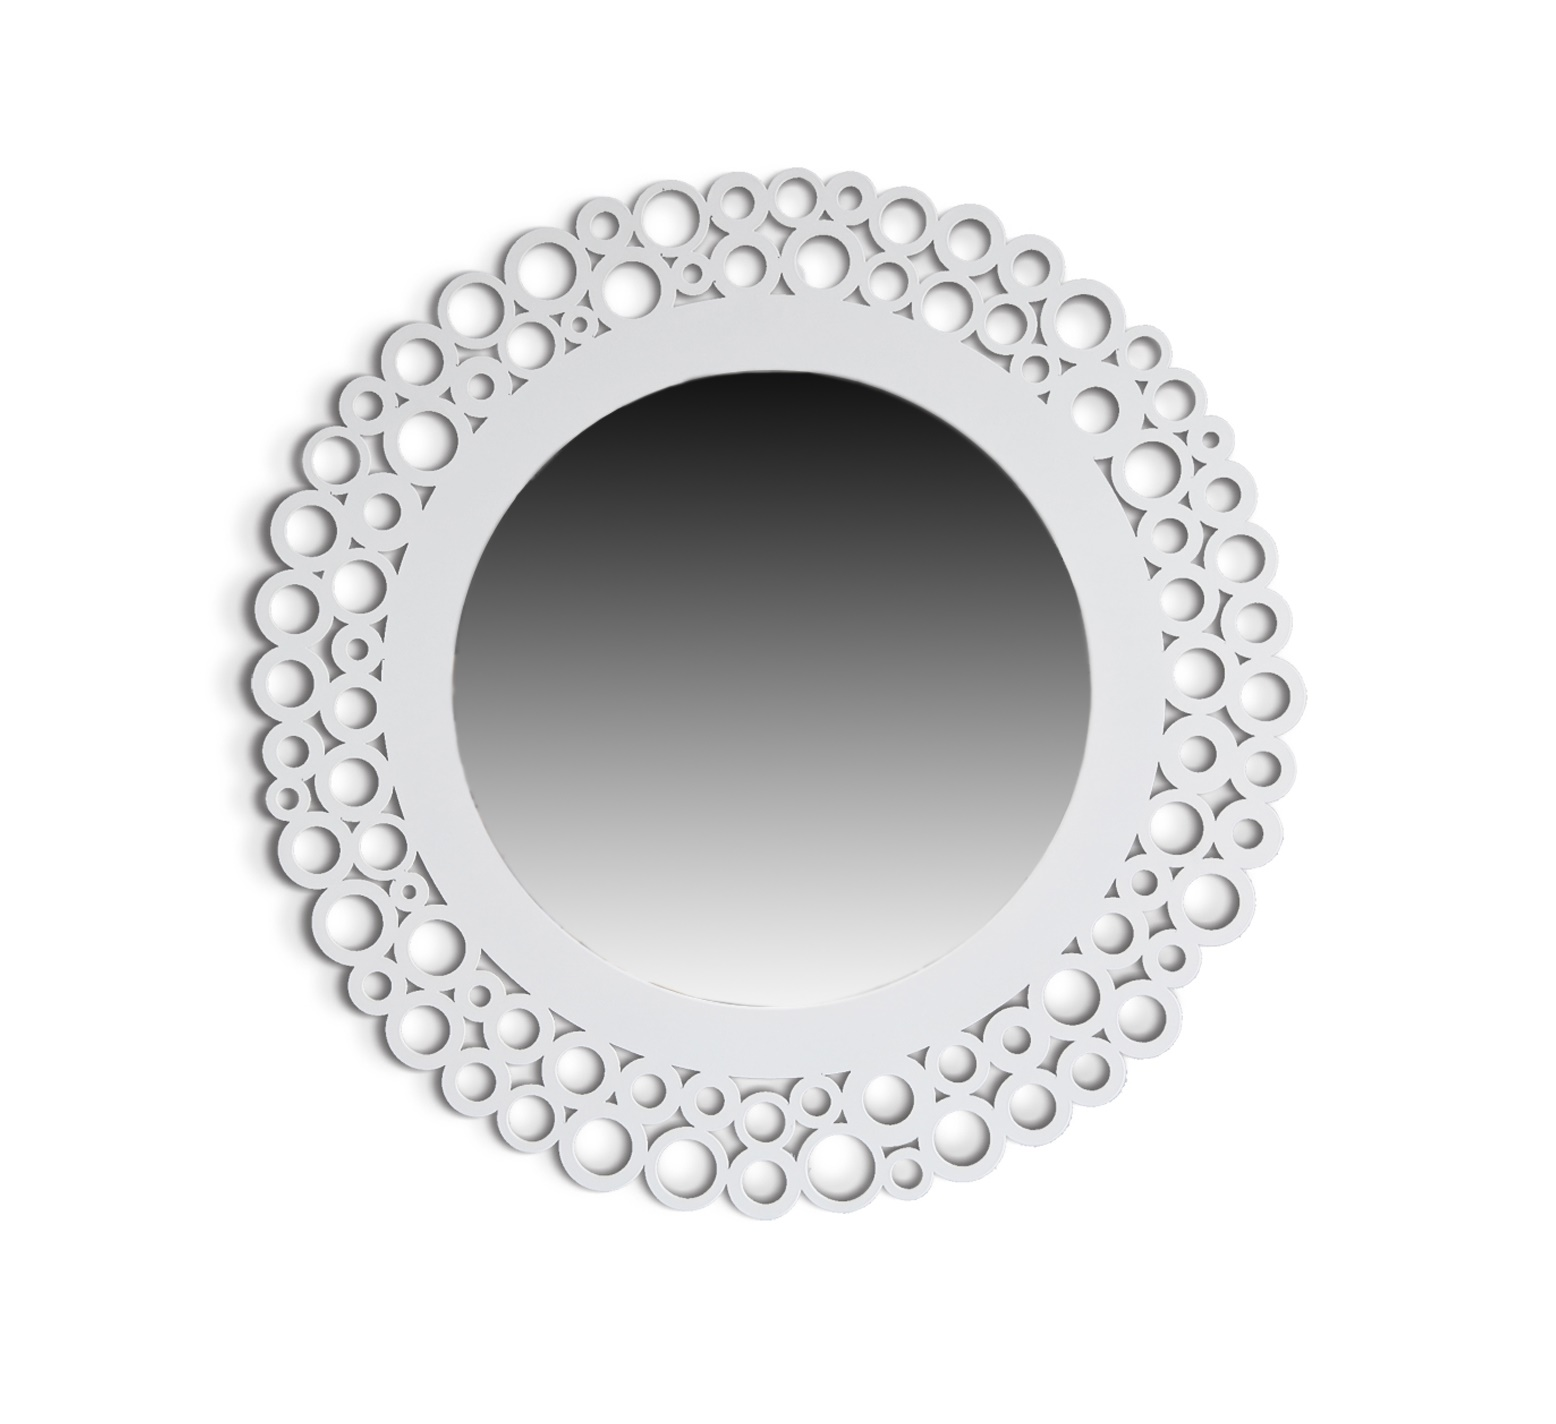 Зеркало COMOНастенные зеркала<br>Зеркало COMO отличается минималистическим дизайном. Лаконичный и практичный дизайн этого зеркала способен гармонизировать с самыми&amp;amp;nbsp;разнообразными типами мебели.<br><br>Material: Сталь